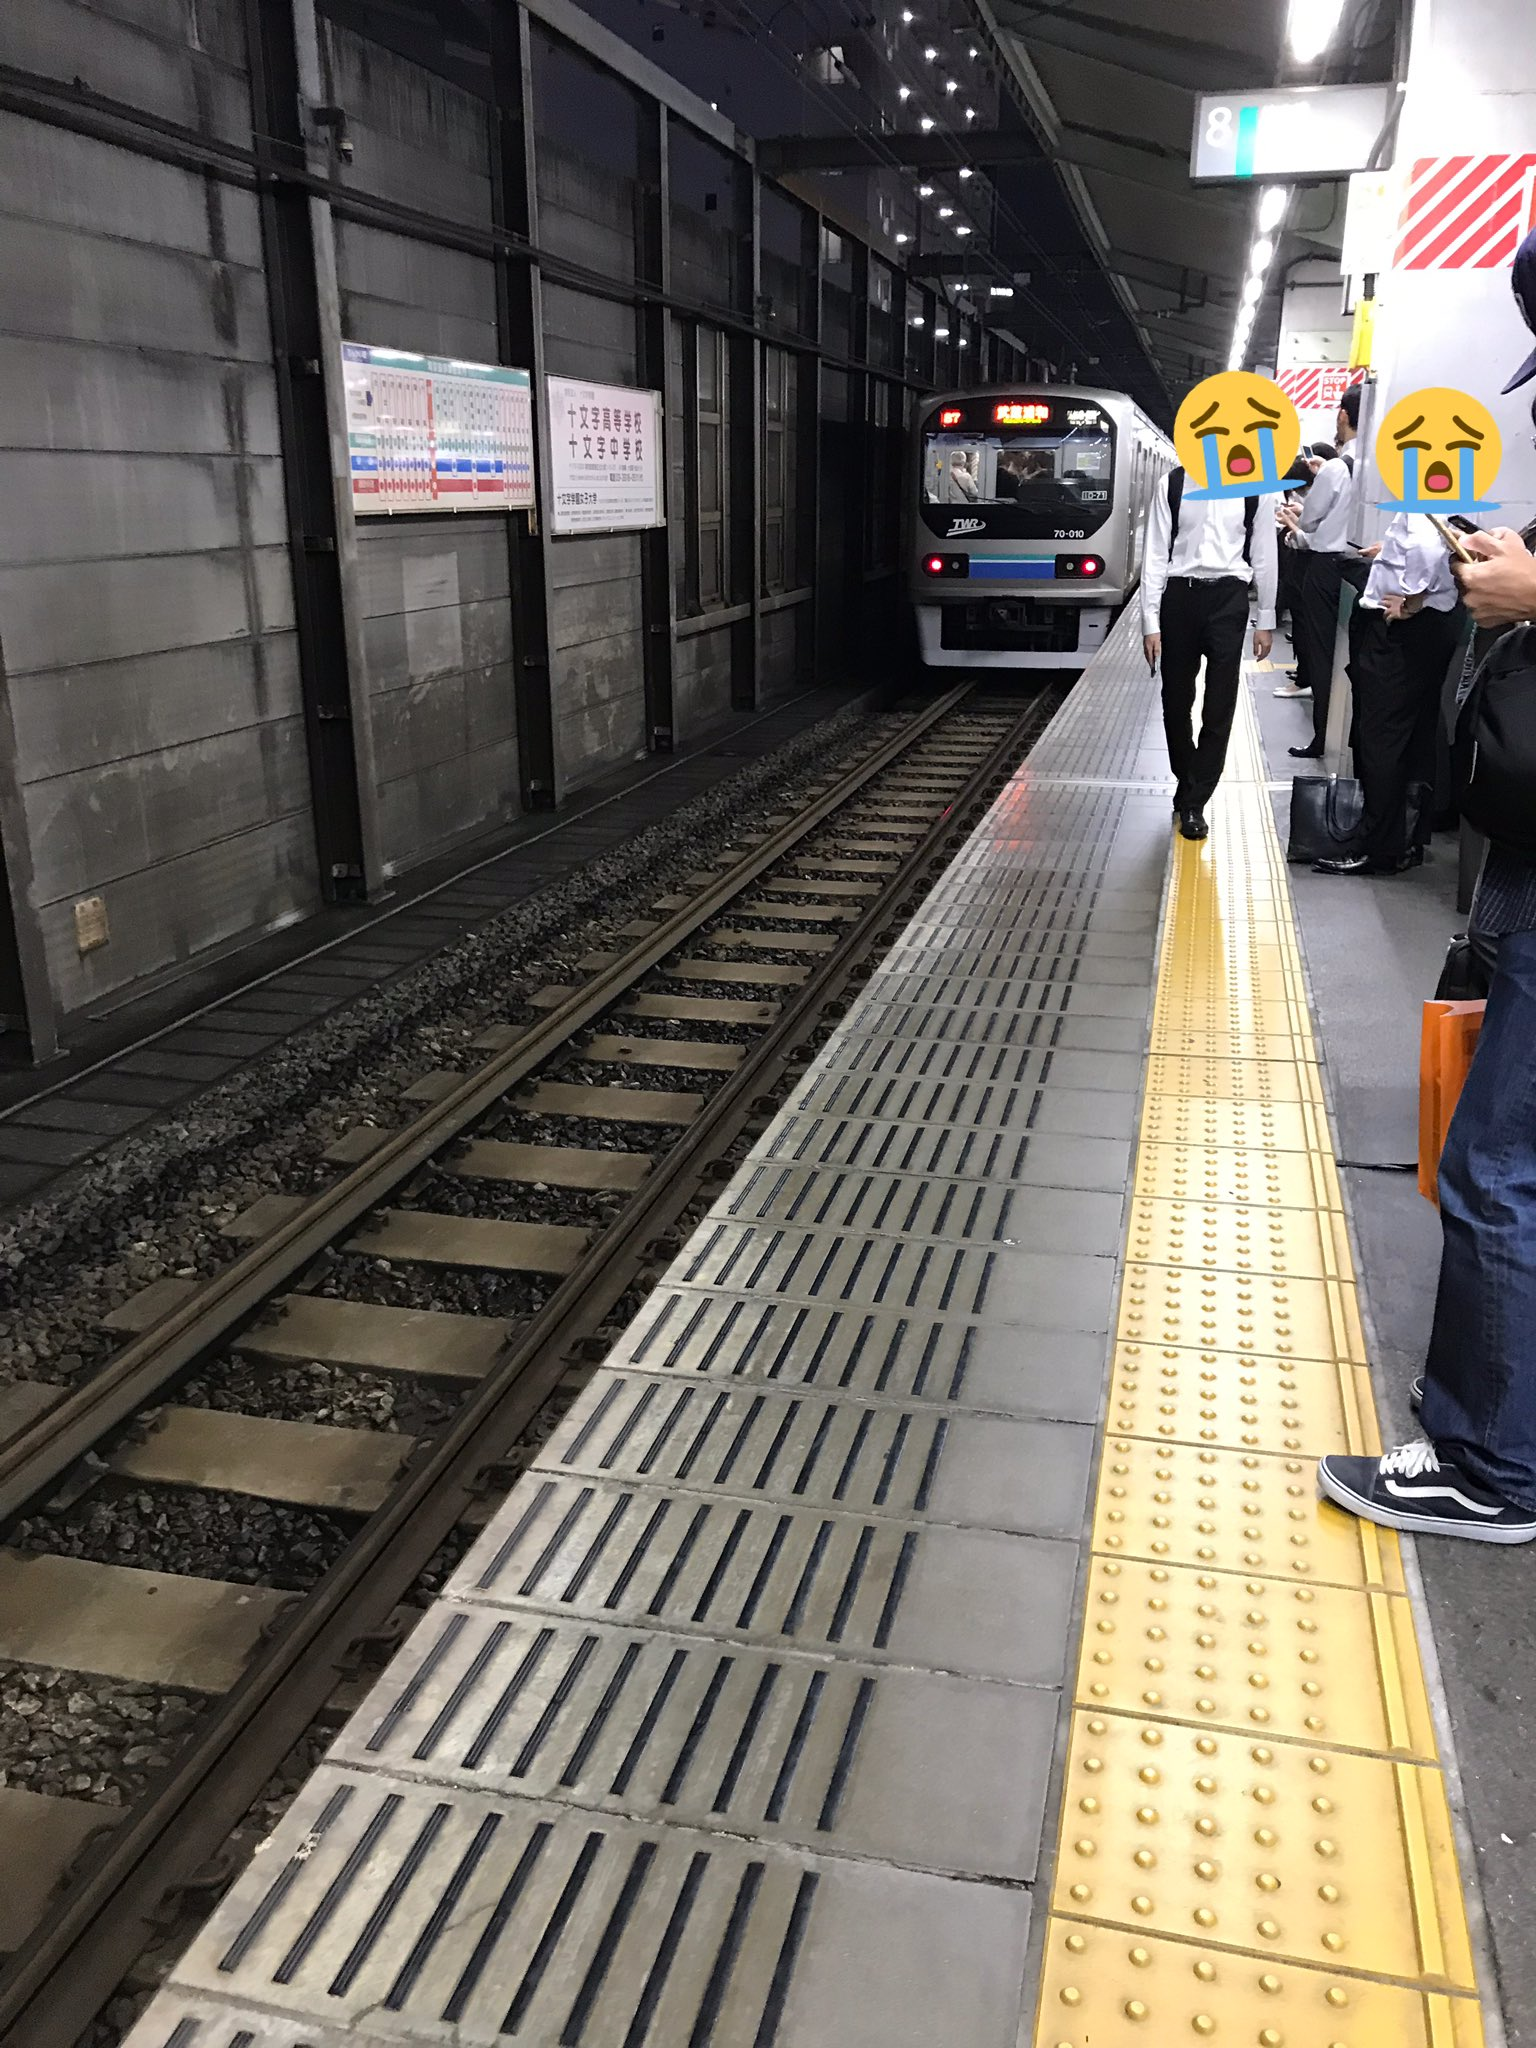 埼京線の北赤羽駅で人身事故が起きた現場の画像